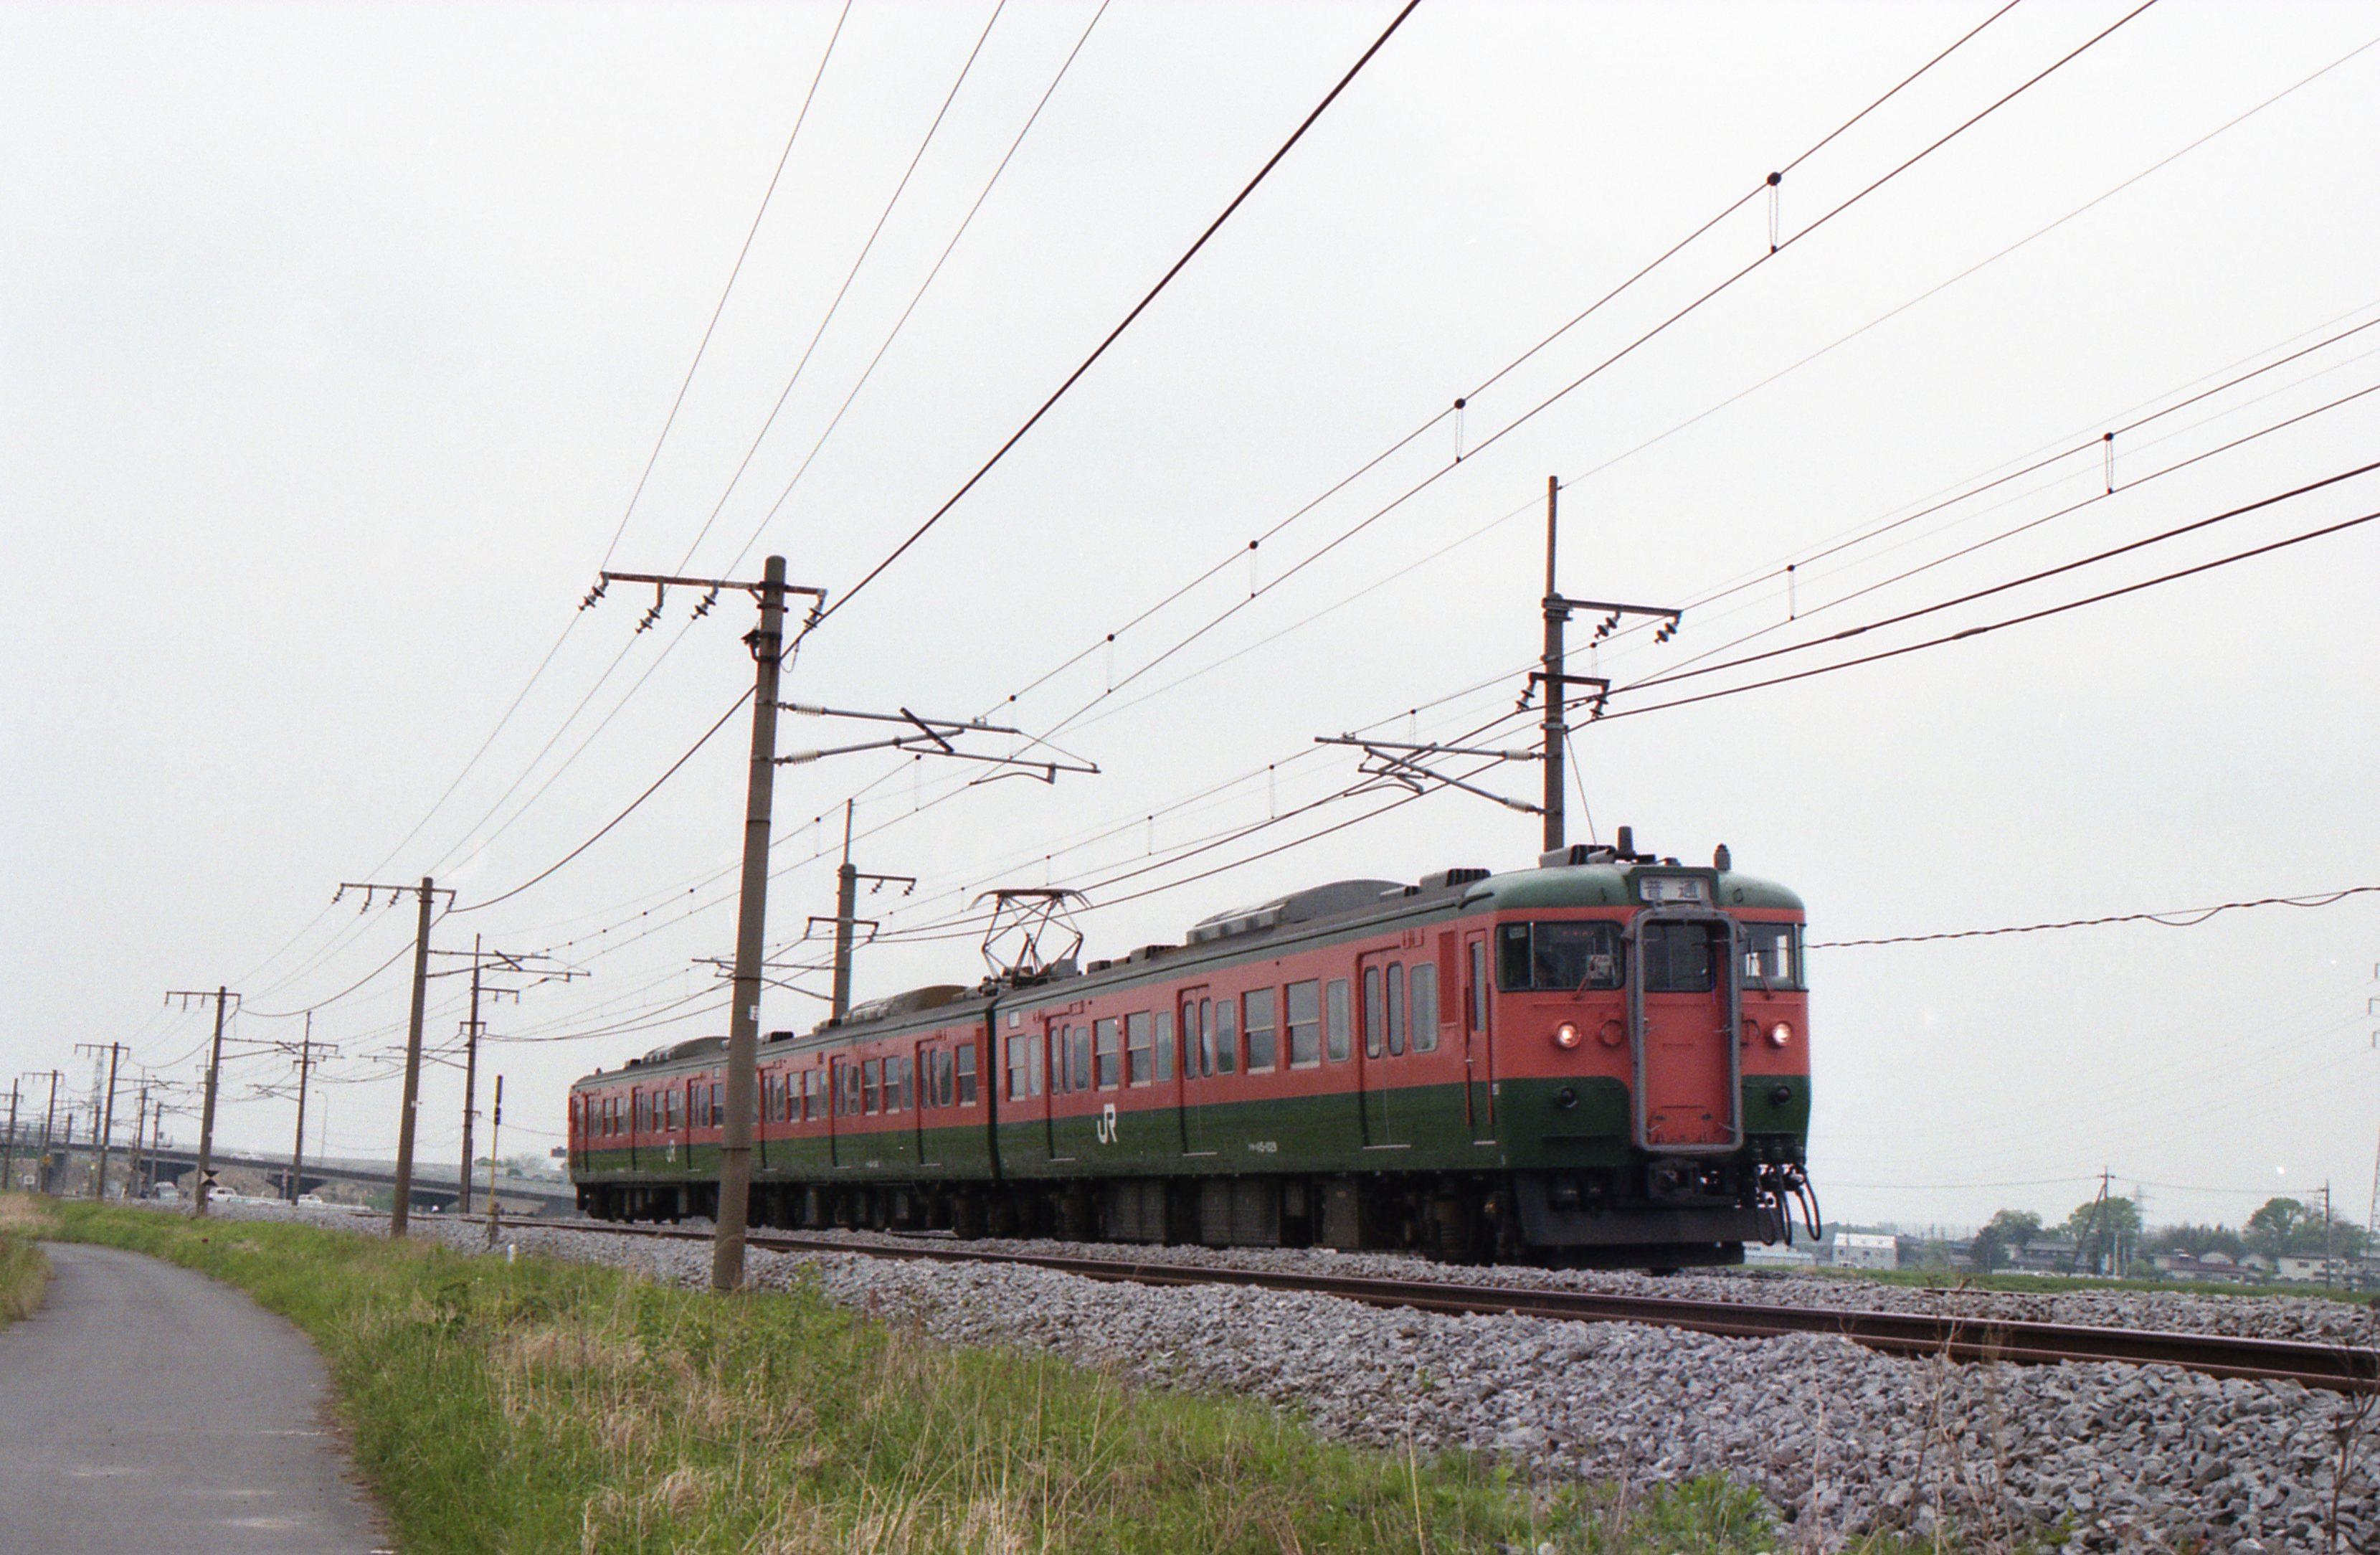 19990503154.jpg